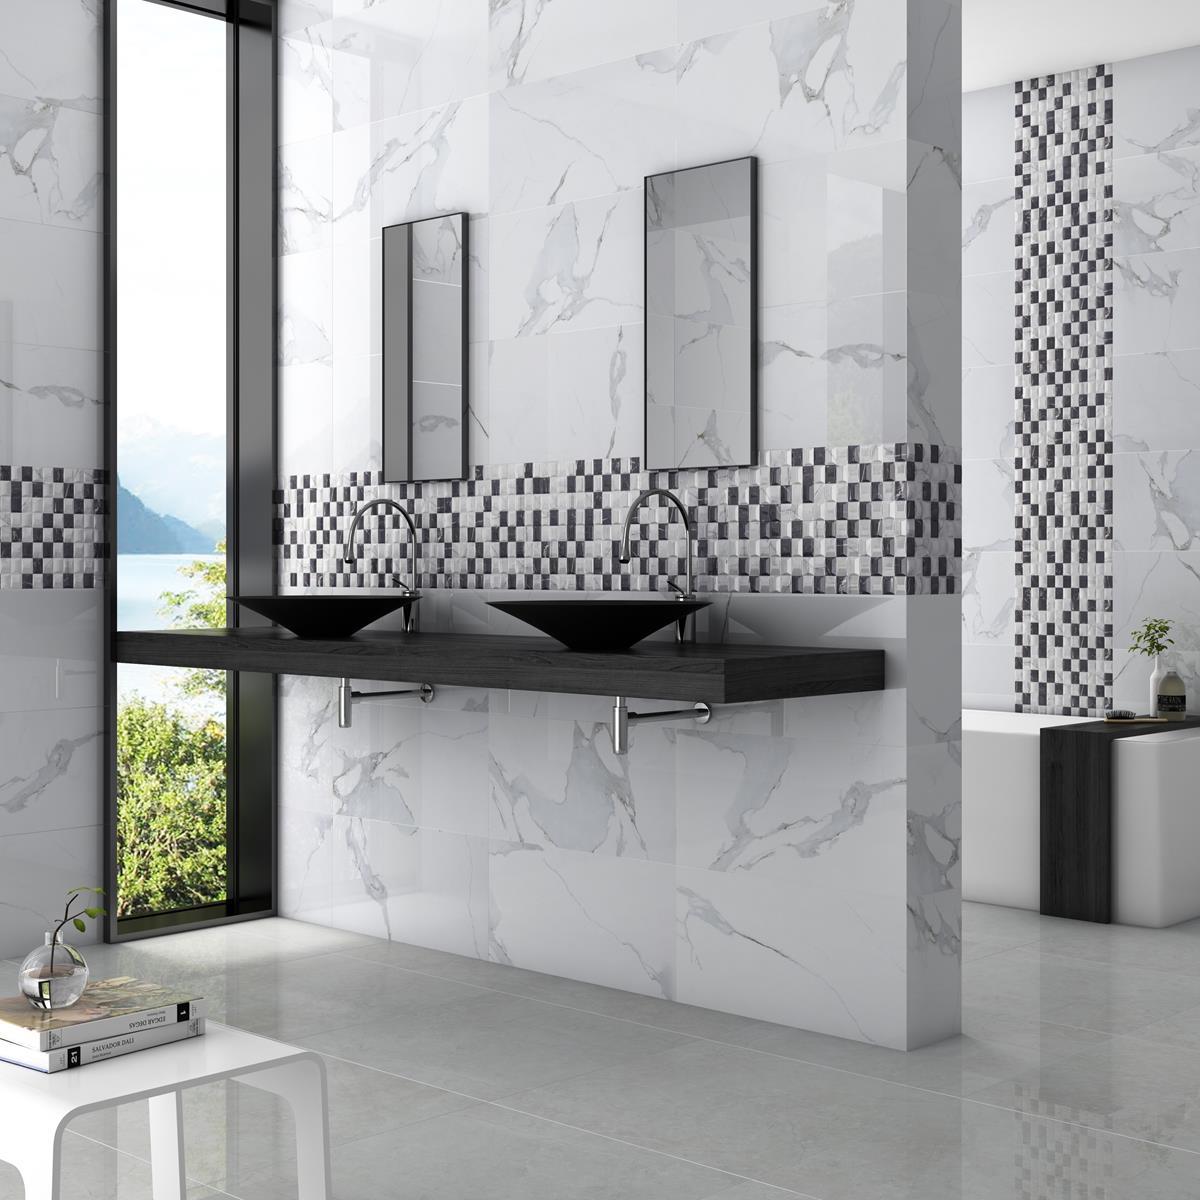 render-3d-mosaico-ceramico-decorativo-baño